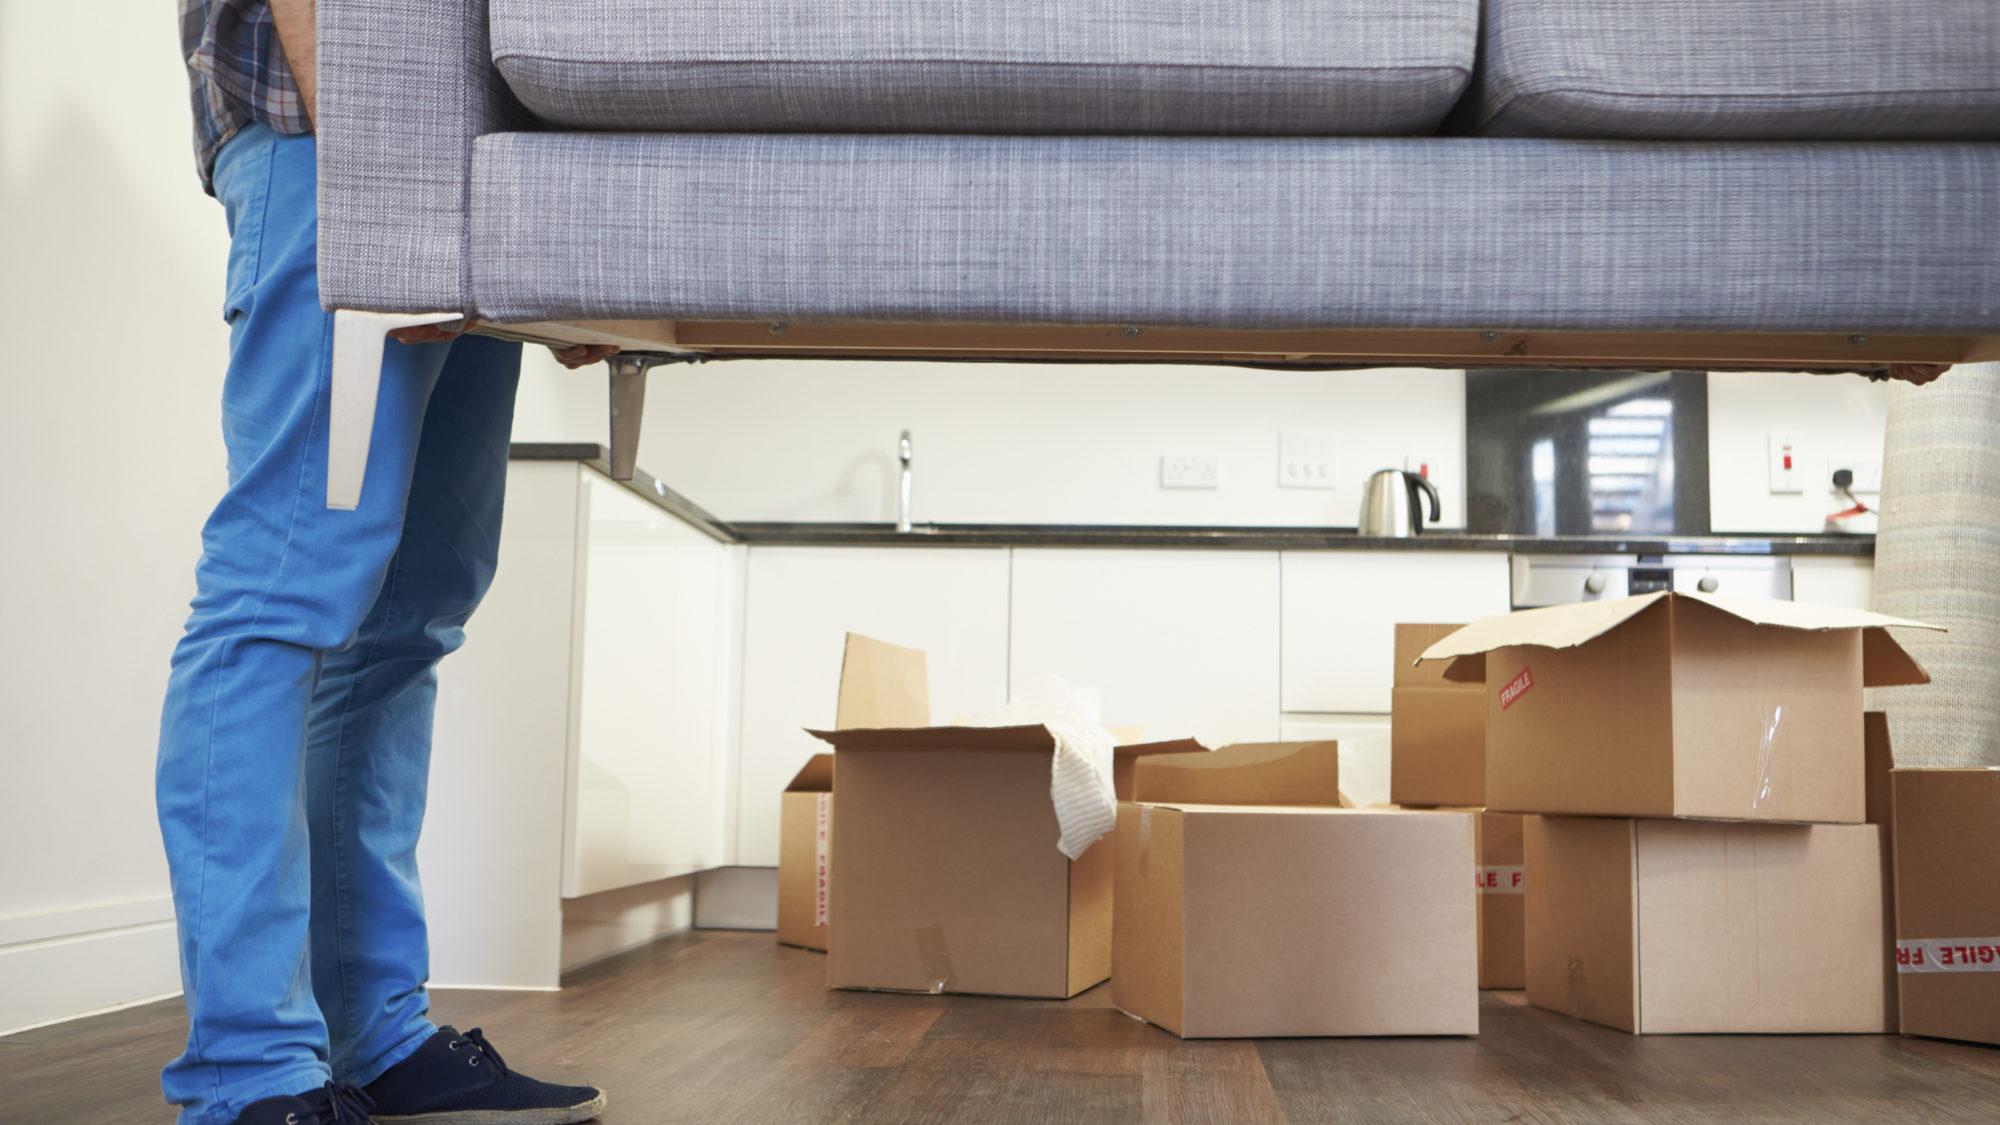 A pensar mudar de casa? Dicas para facilitar o processo